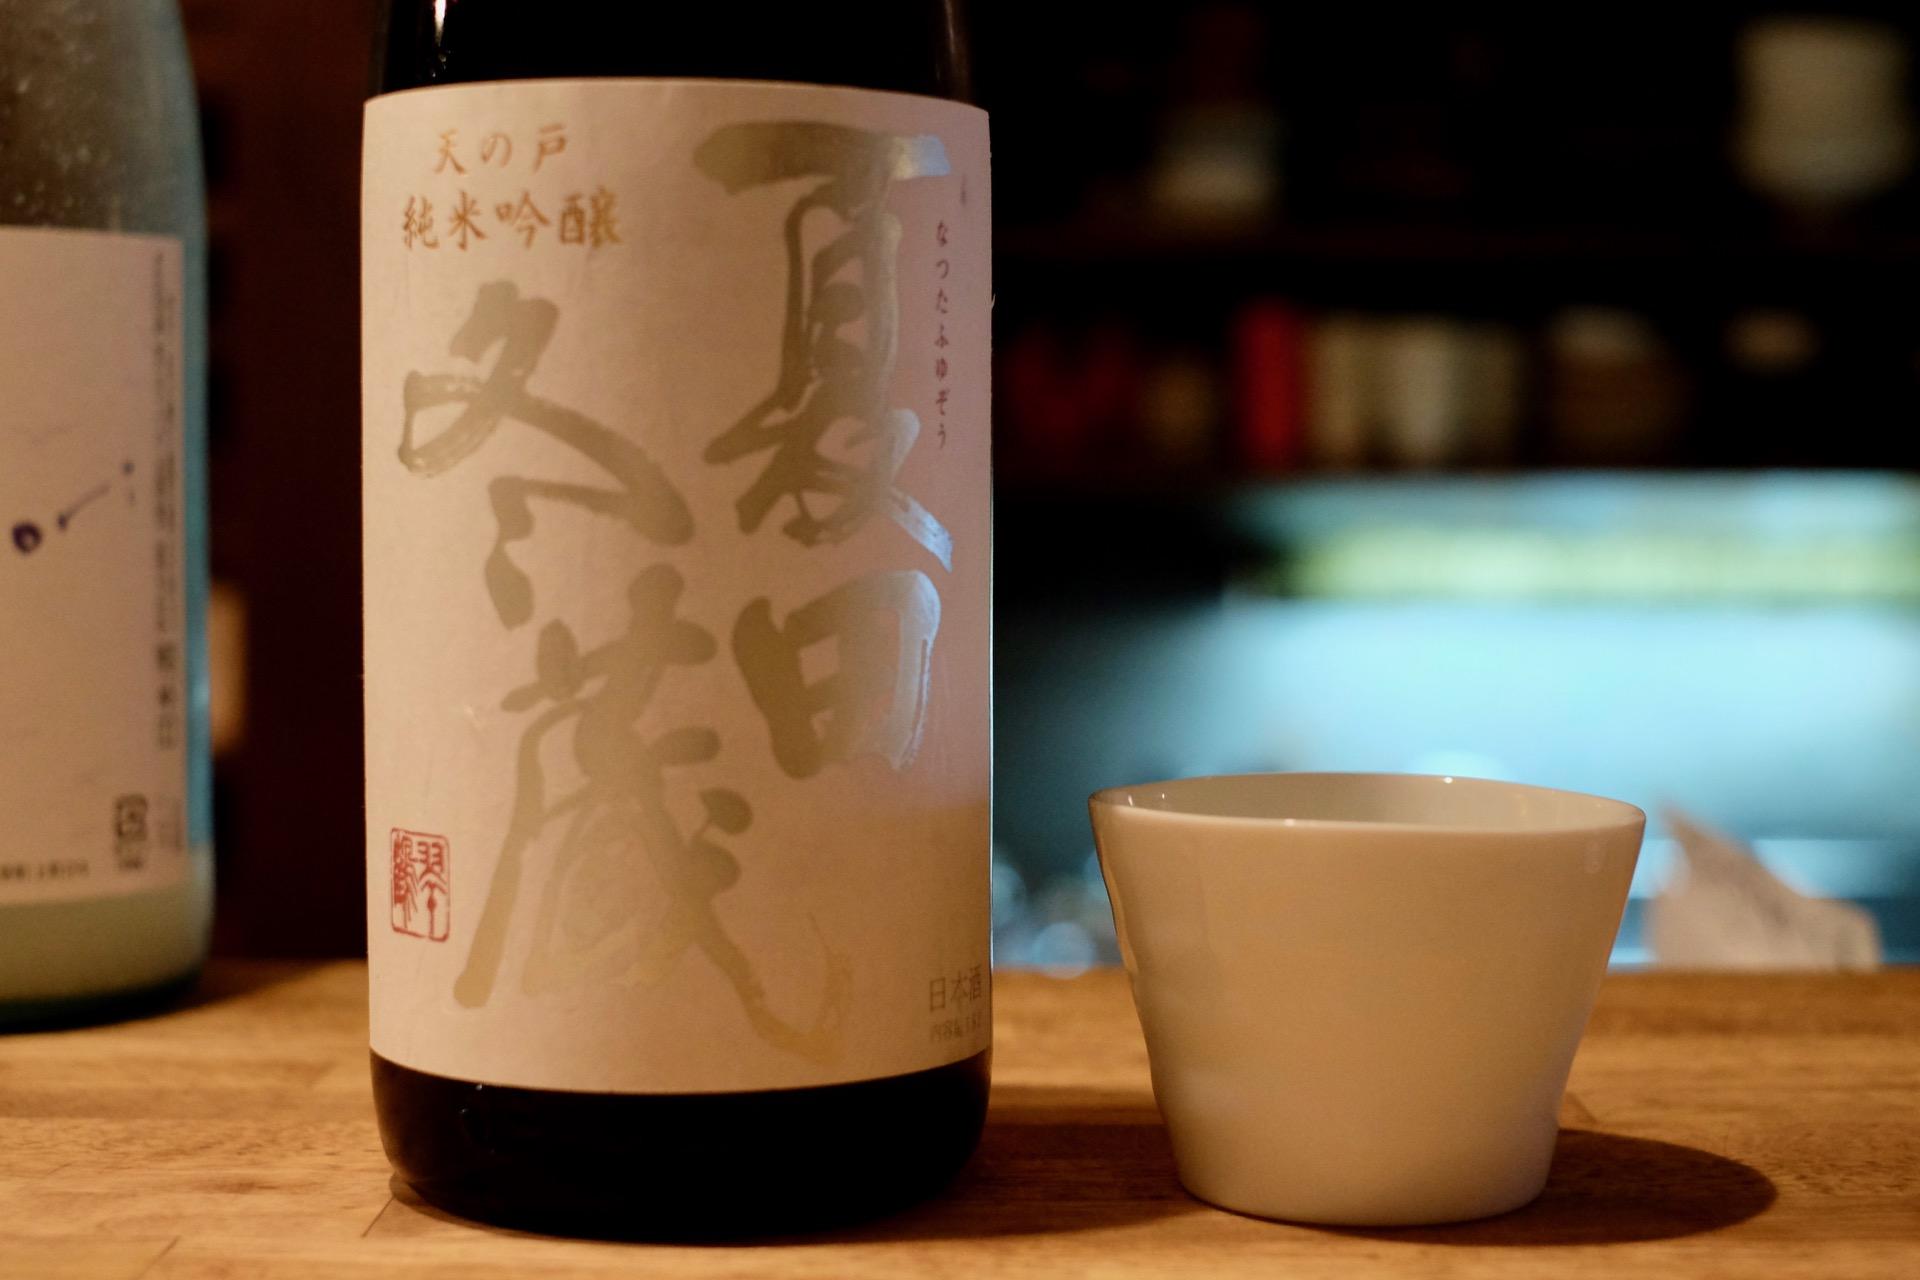 天の戸 純米吟醸 夏田冬蔵〈こま美〉|日本酒テイスティングノート